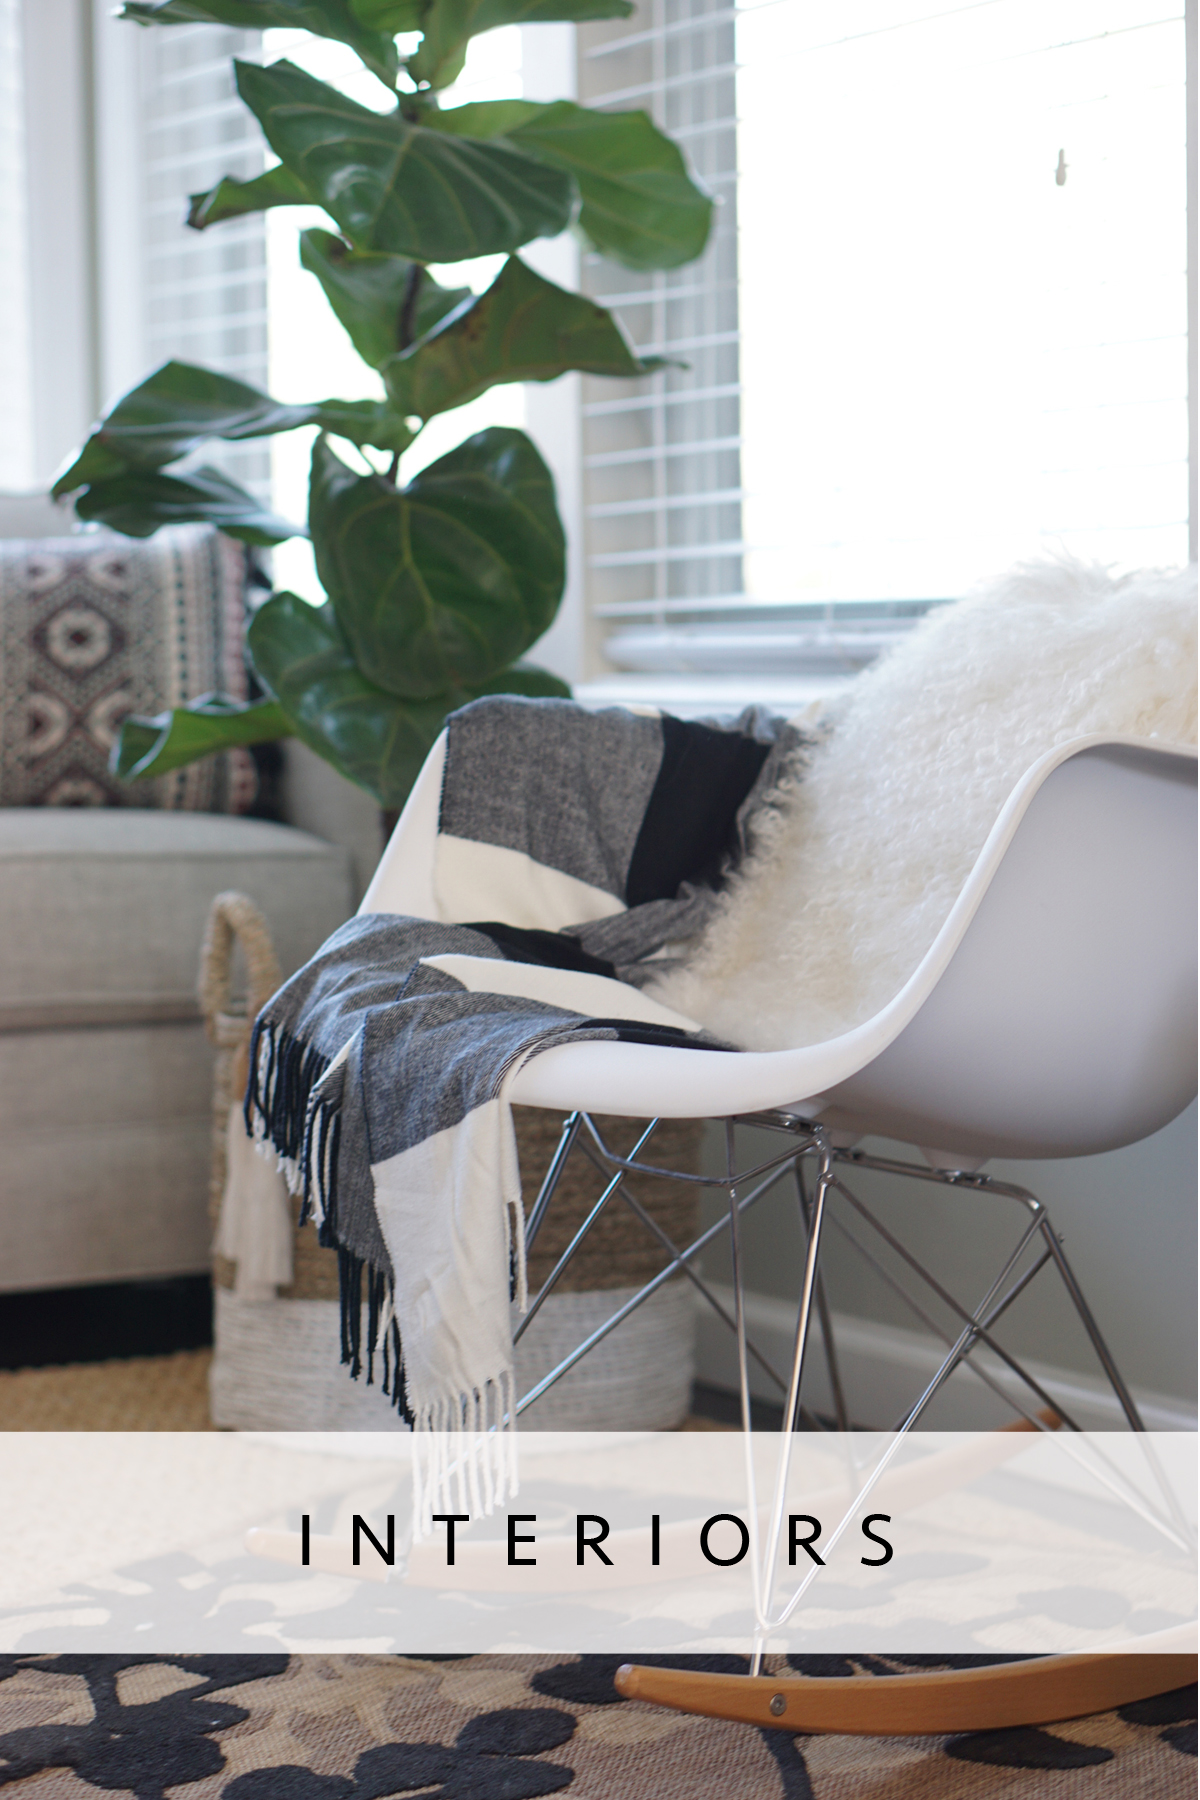 InteriorsHomepage-5.jpg